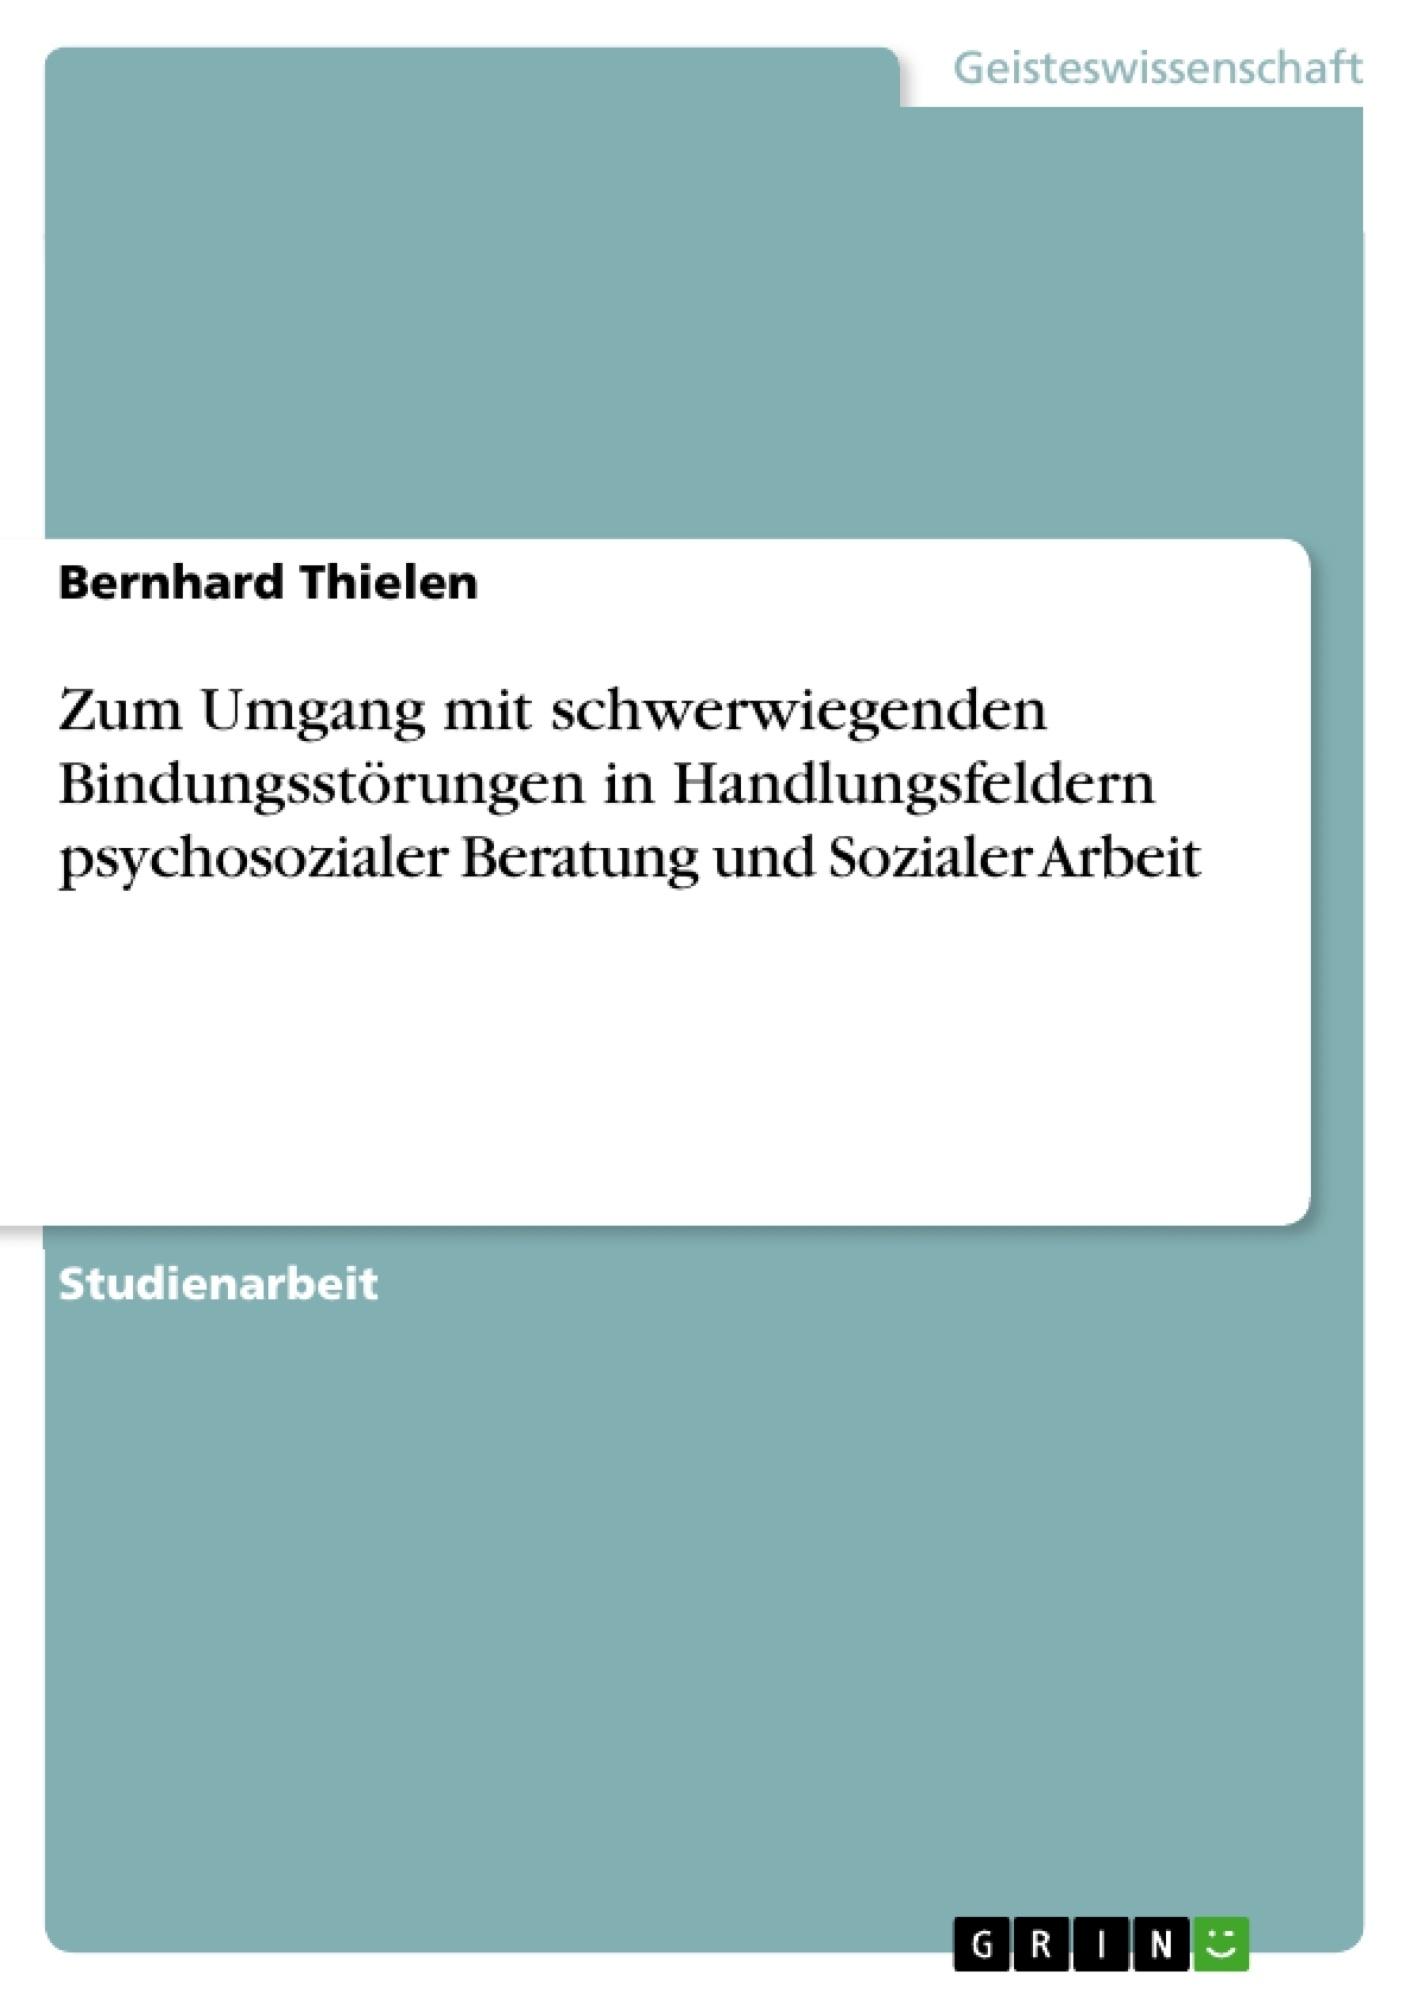 Titel: Zum Umgang mit schwerwiegenden Bindungsstörungen in Handlungsfeldern psychosozialer Beratung und Sozialer Arbeit